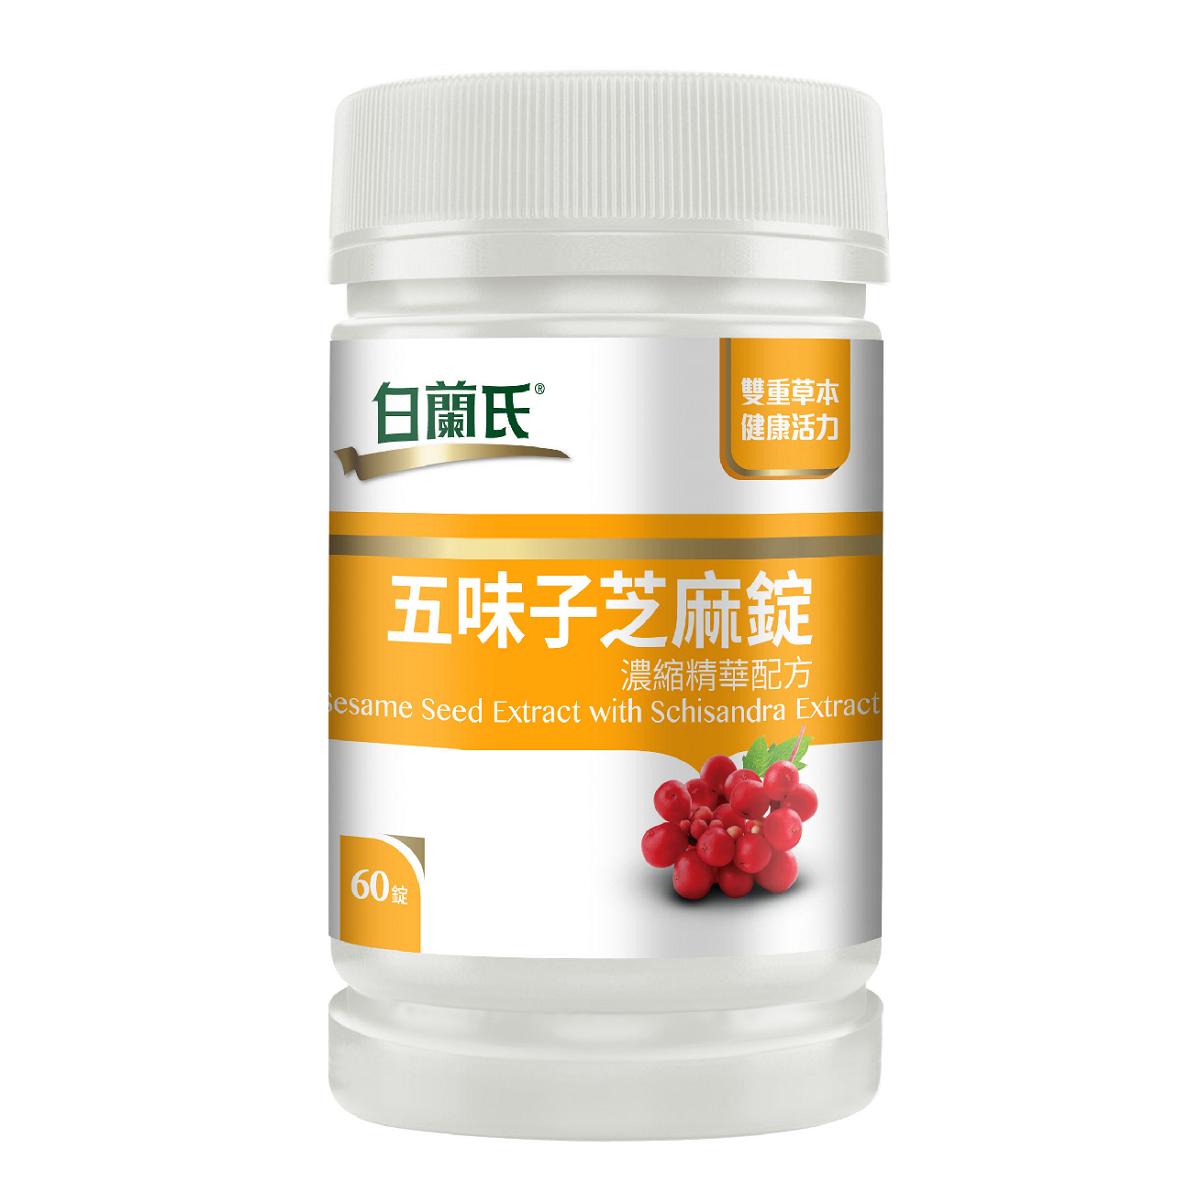 白蘭氏 五味子芝麻錠 濃縮精華配方(60錠/瓶)